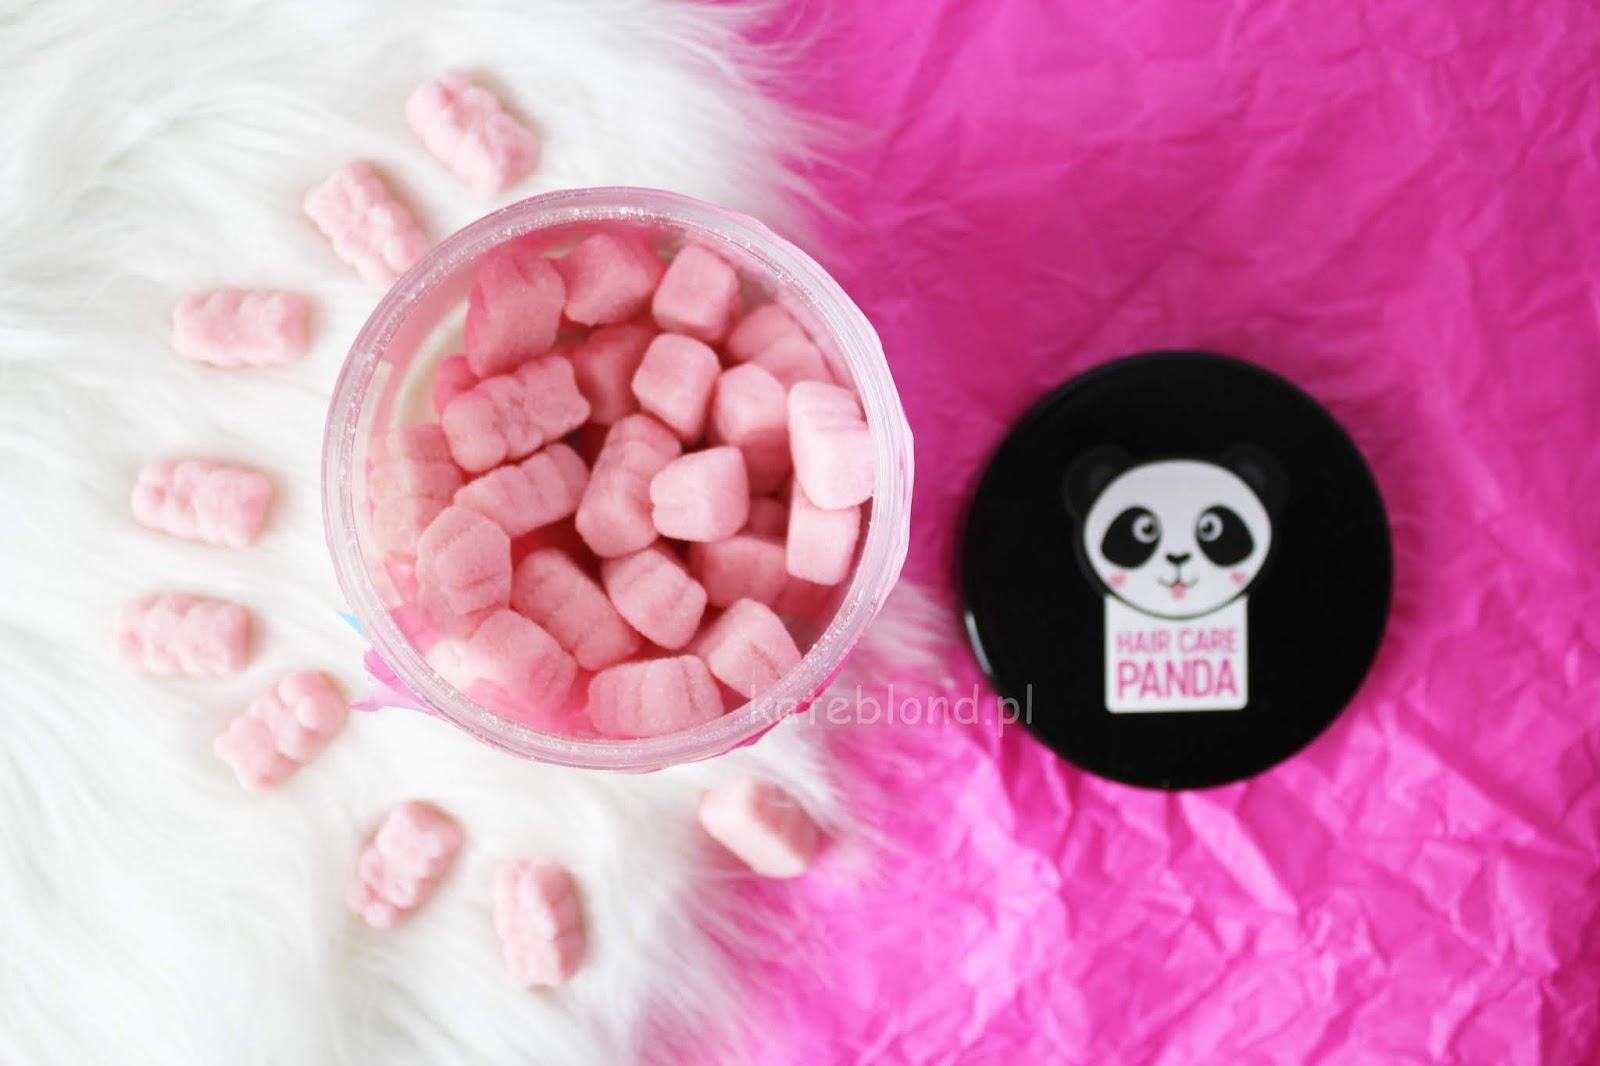 Hair Care Panda Zelki Na Wlosy Efekty 3 Miesiecznej Kuracji Duzy Porost Kateblond Pl Blog Kosmetyczny Blog Urodowy